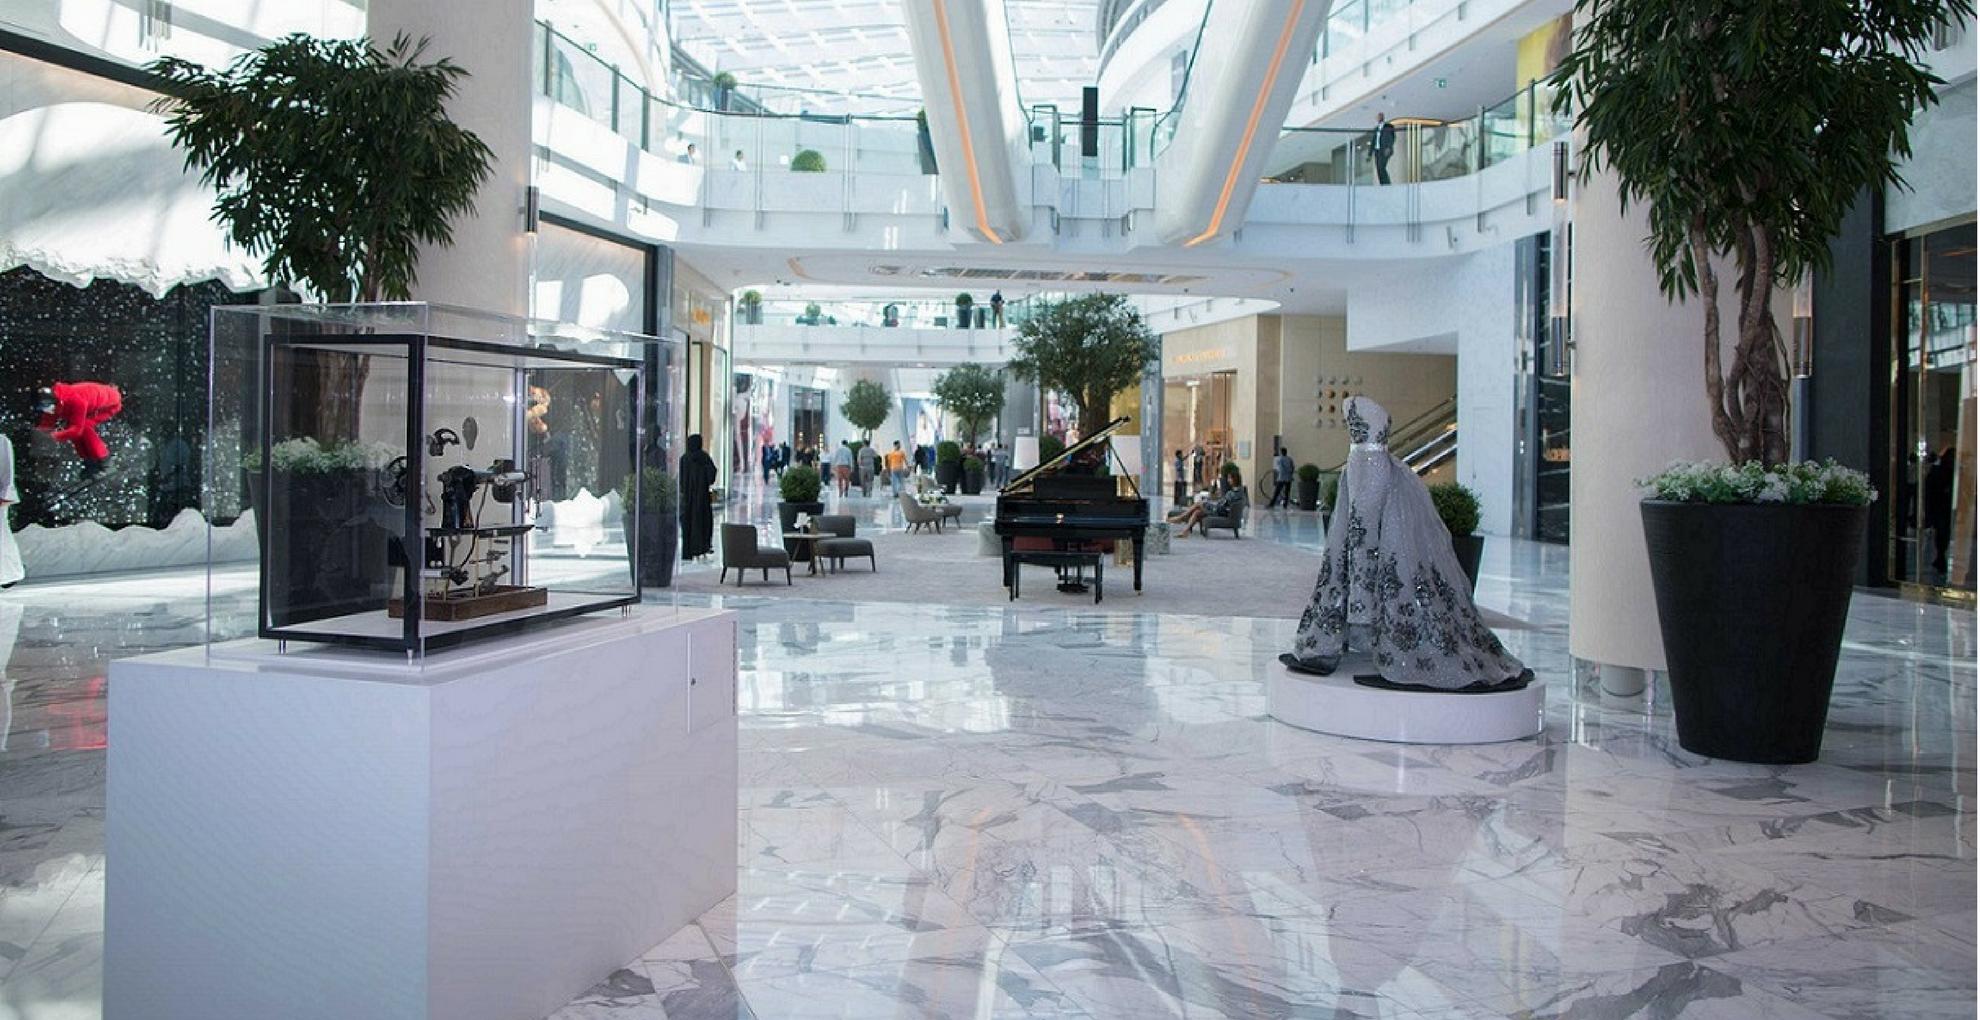 The Dubai Mall Fashion Avenue